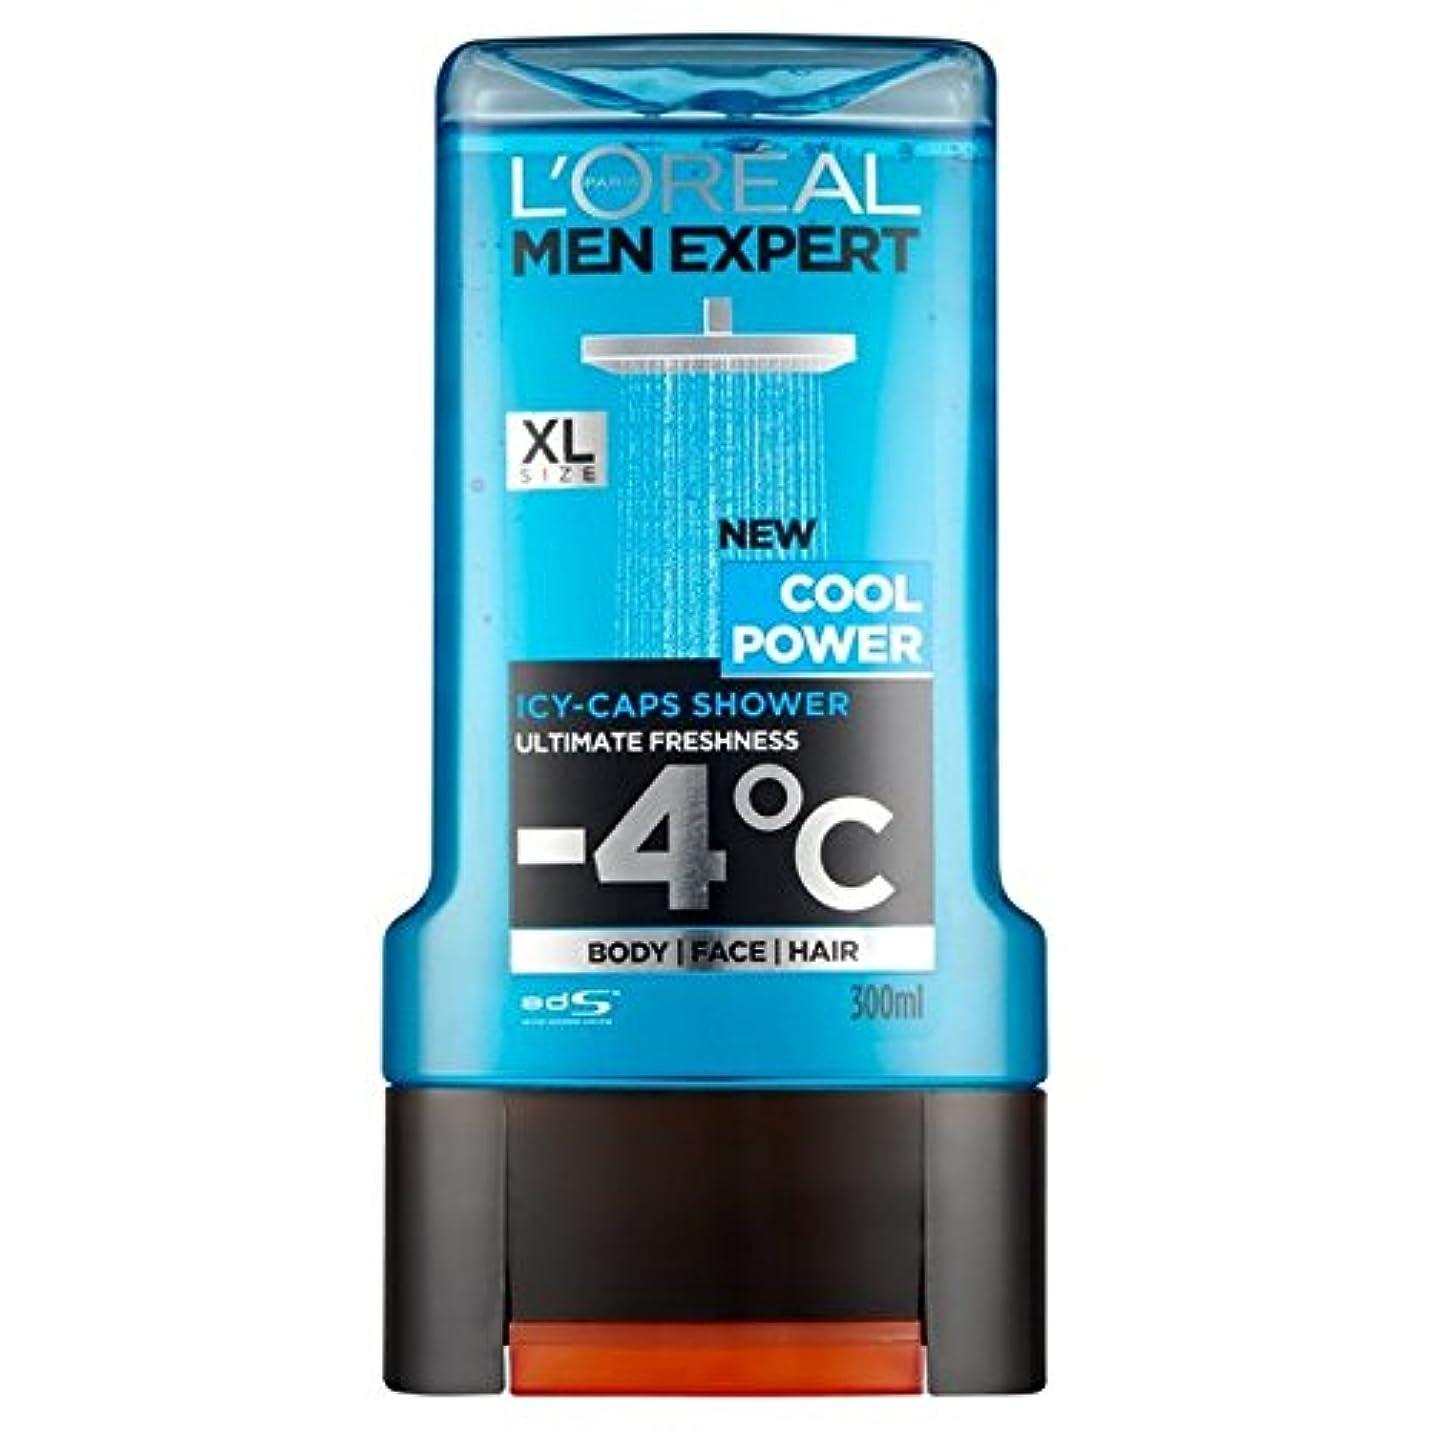 適度に人事ケーブルカーL'Oreal Paris Men Expert Cool Power Shower Gel 300ml - ロレアルパリの男性の専門家のクールなパワーシャワージェル300ミリリットル [並行輸入品]